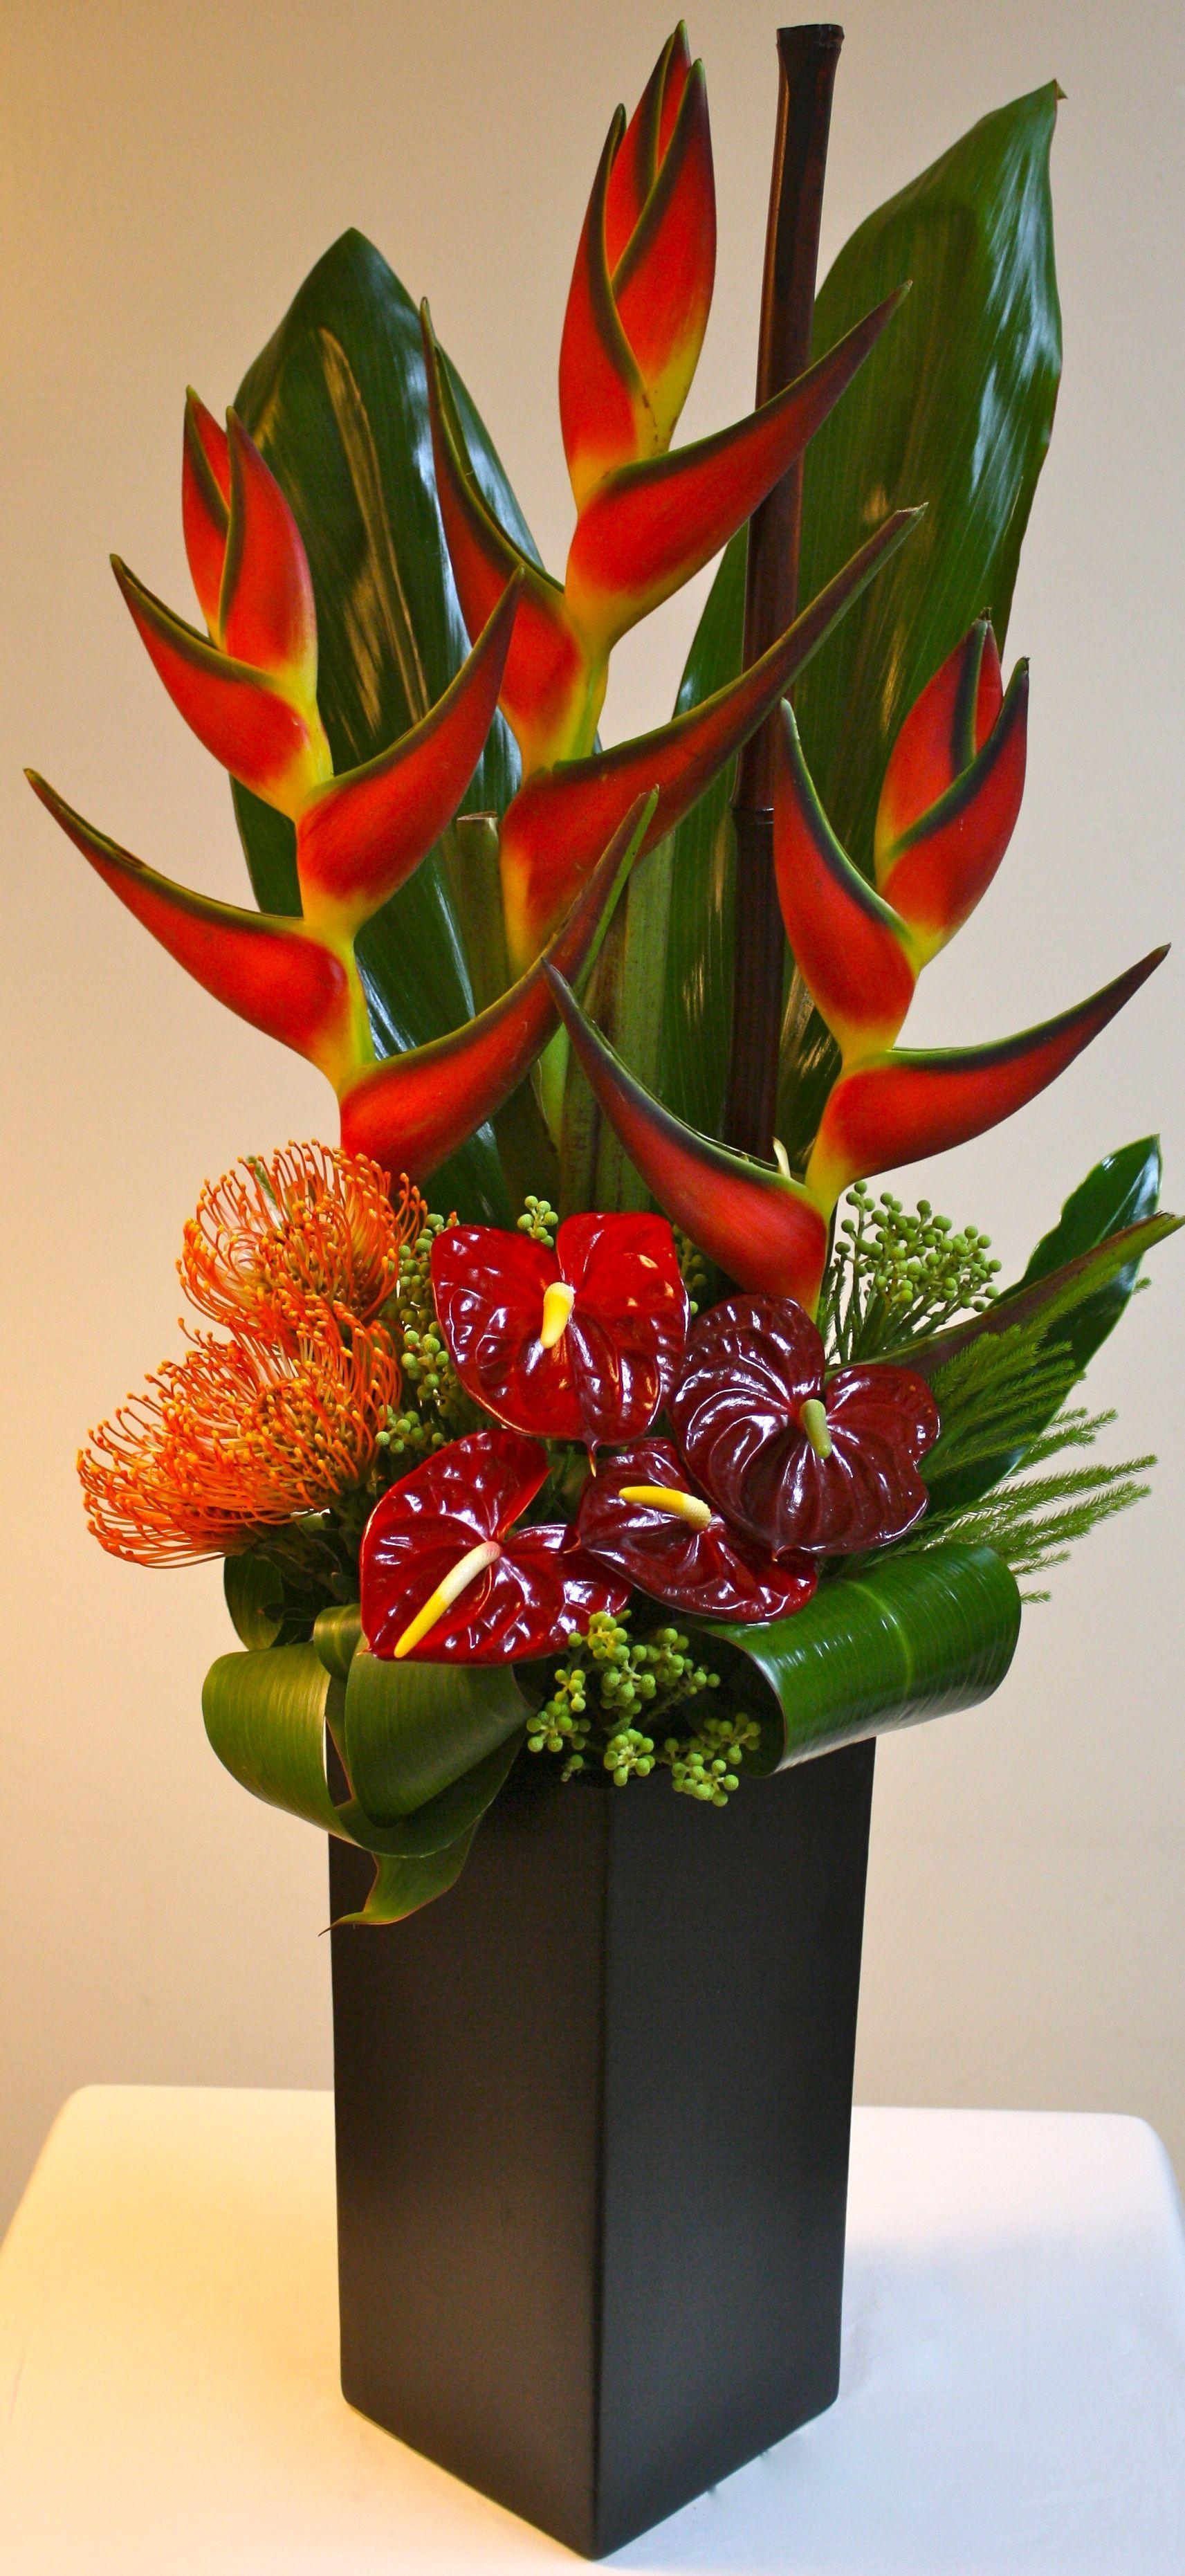 Complimented Anthurium Paradise Tropical Cushions Tropical Ceramic Jordan Or Tropical Floral Arrangements Church Flower Arrangements Corporate Flowers